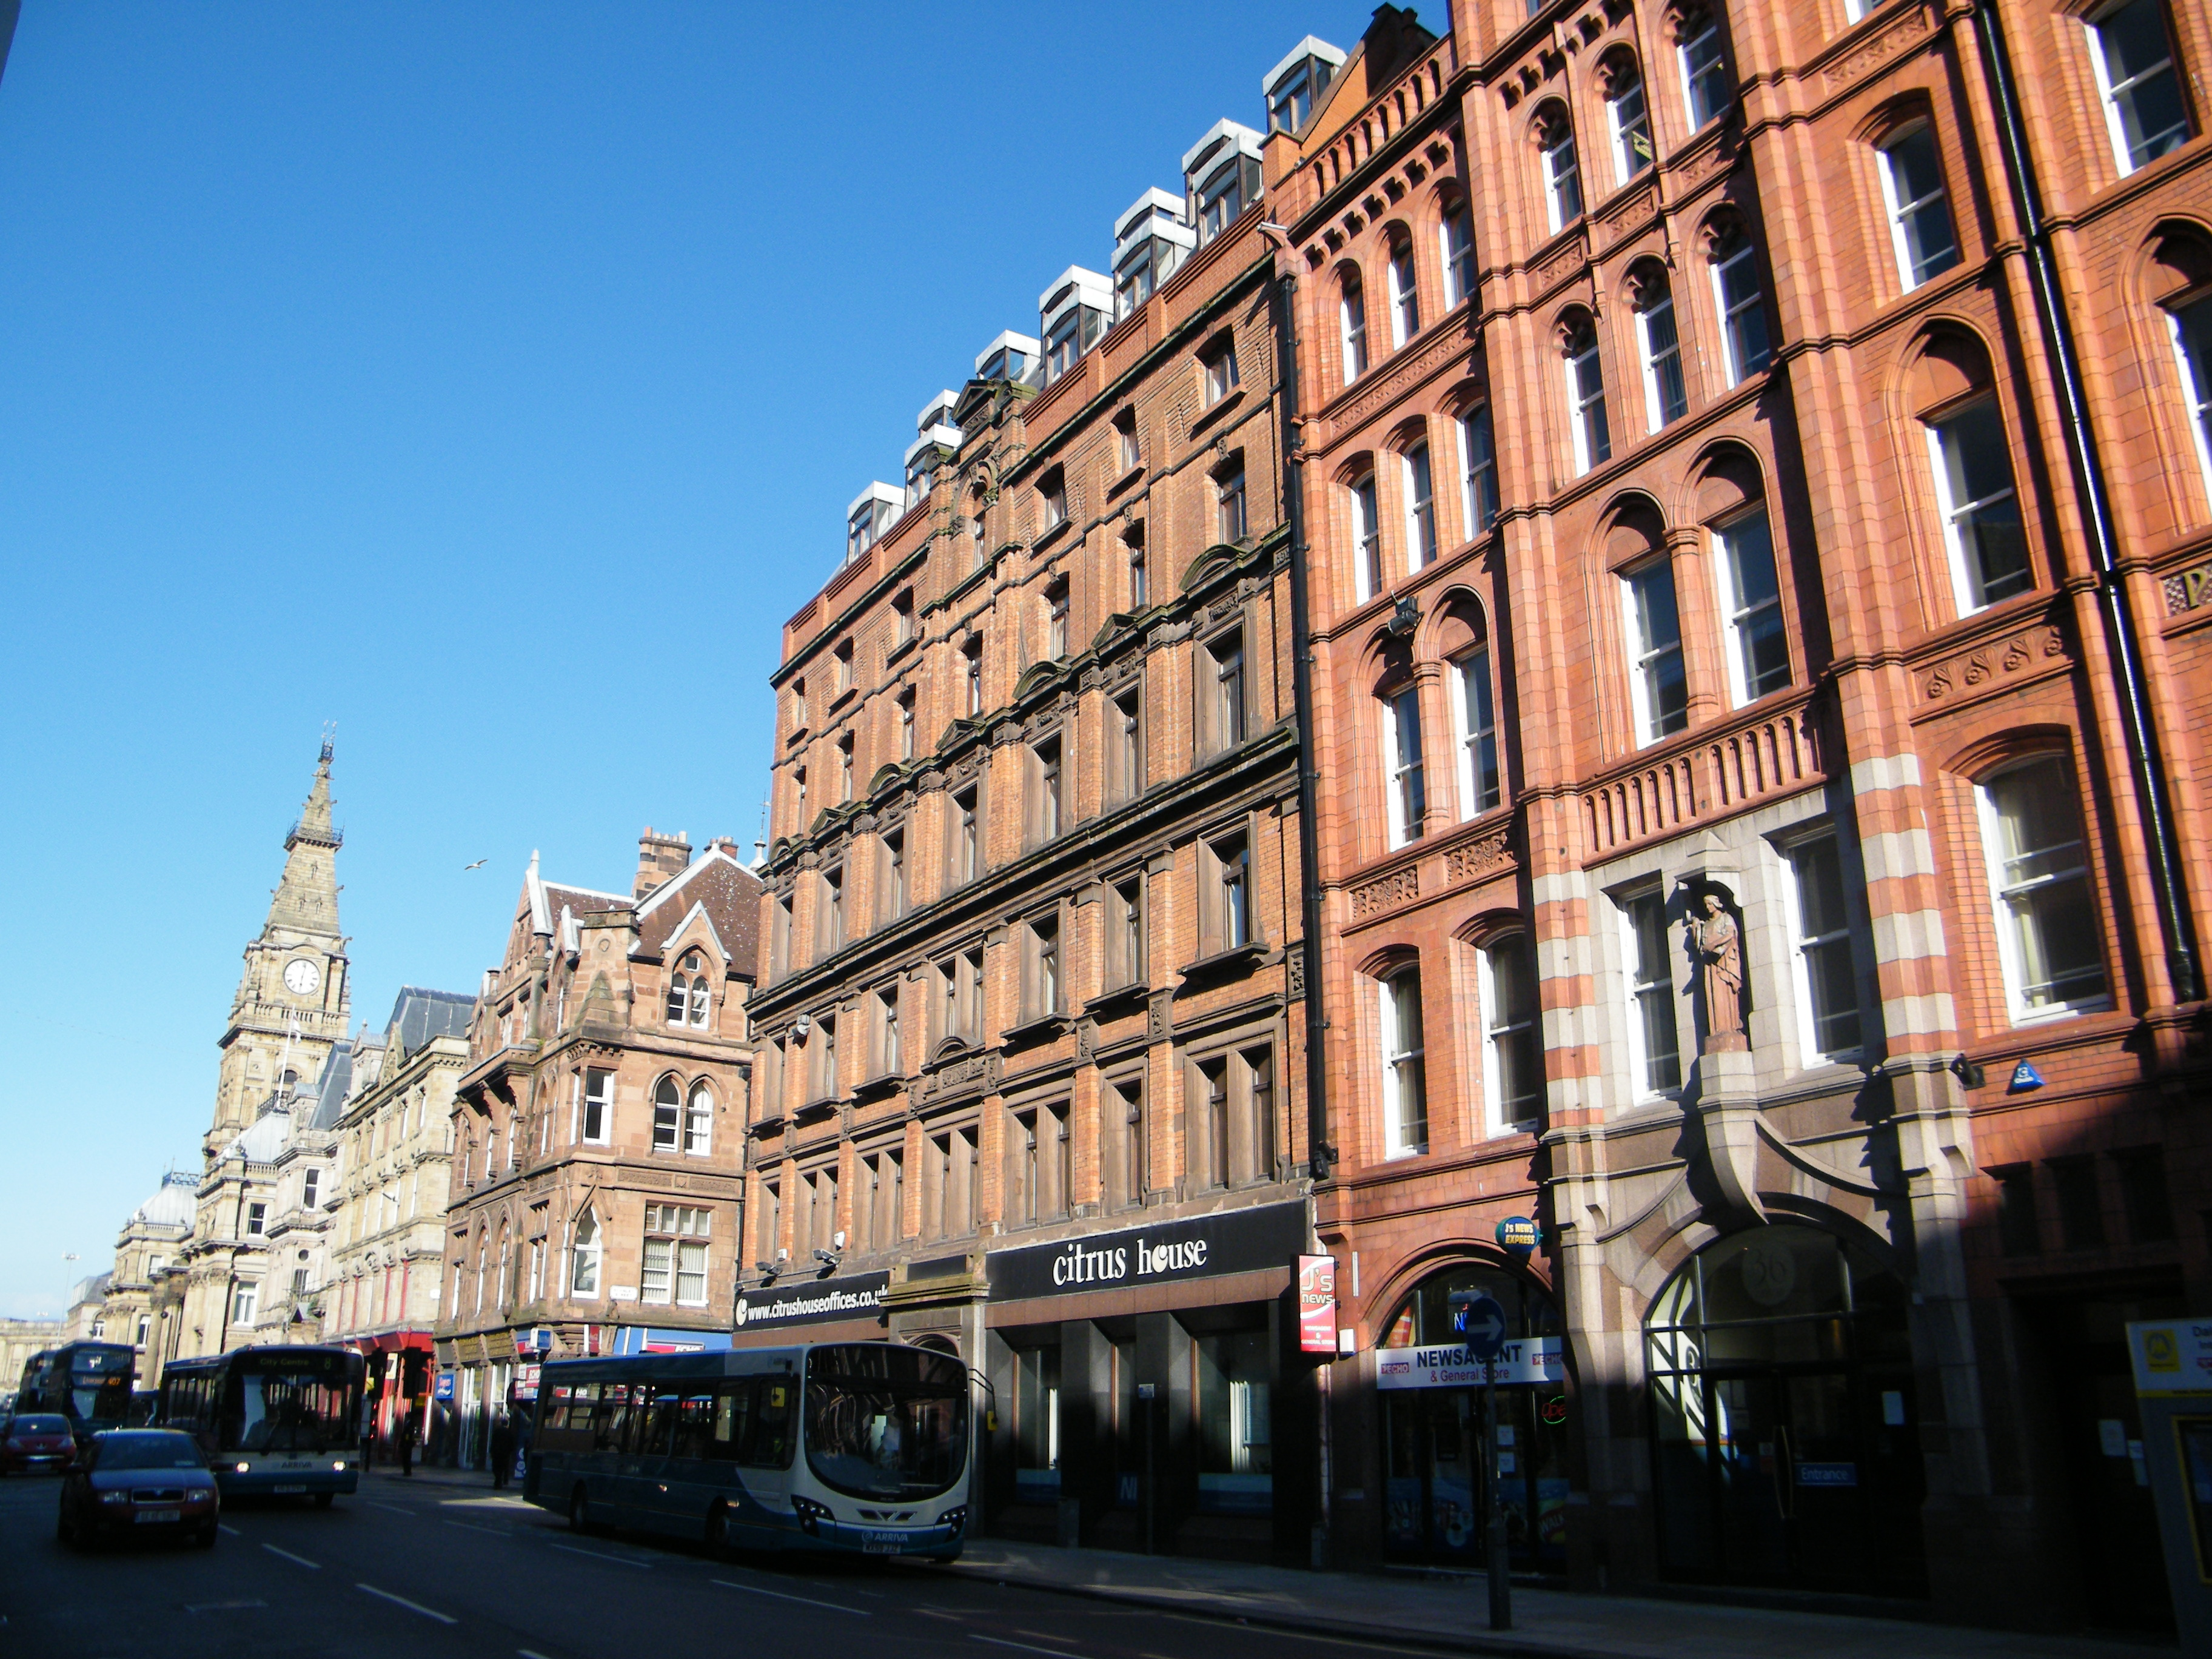 Liverpool Onde O Sonho Nunca Acaba O Site De Viagens E Turismo Do Paulo Mancha D Amaro